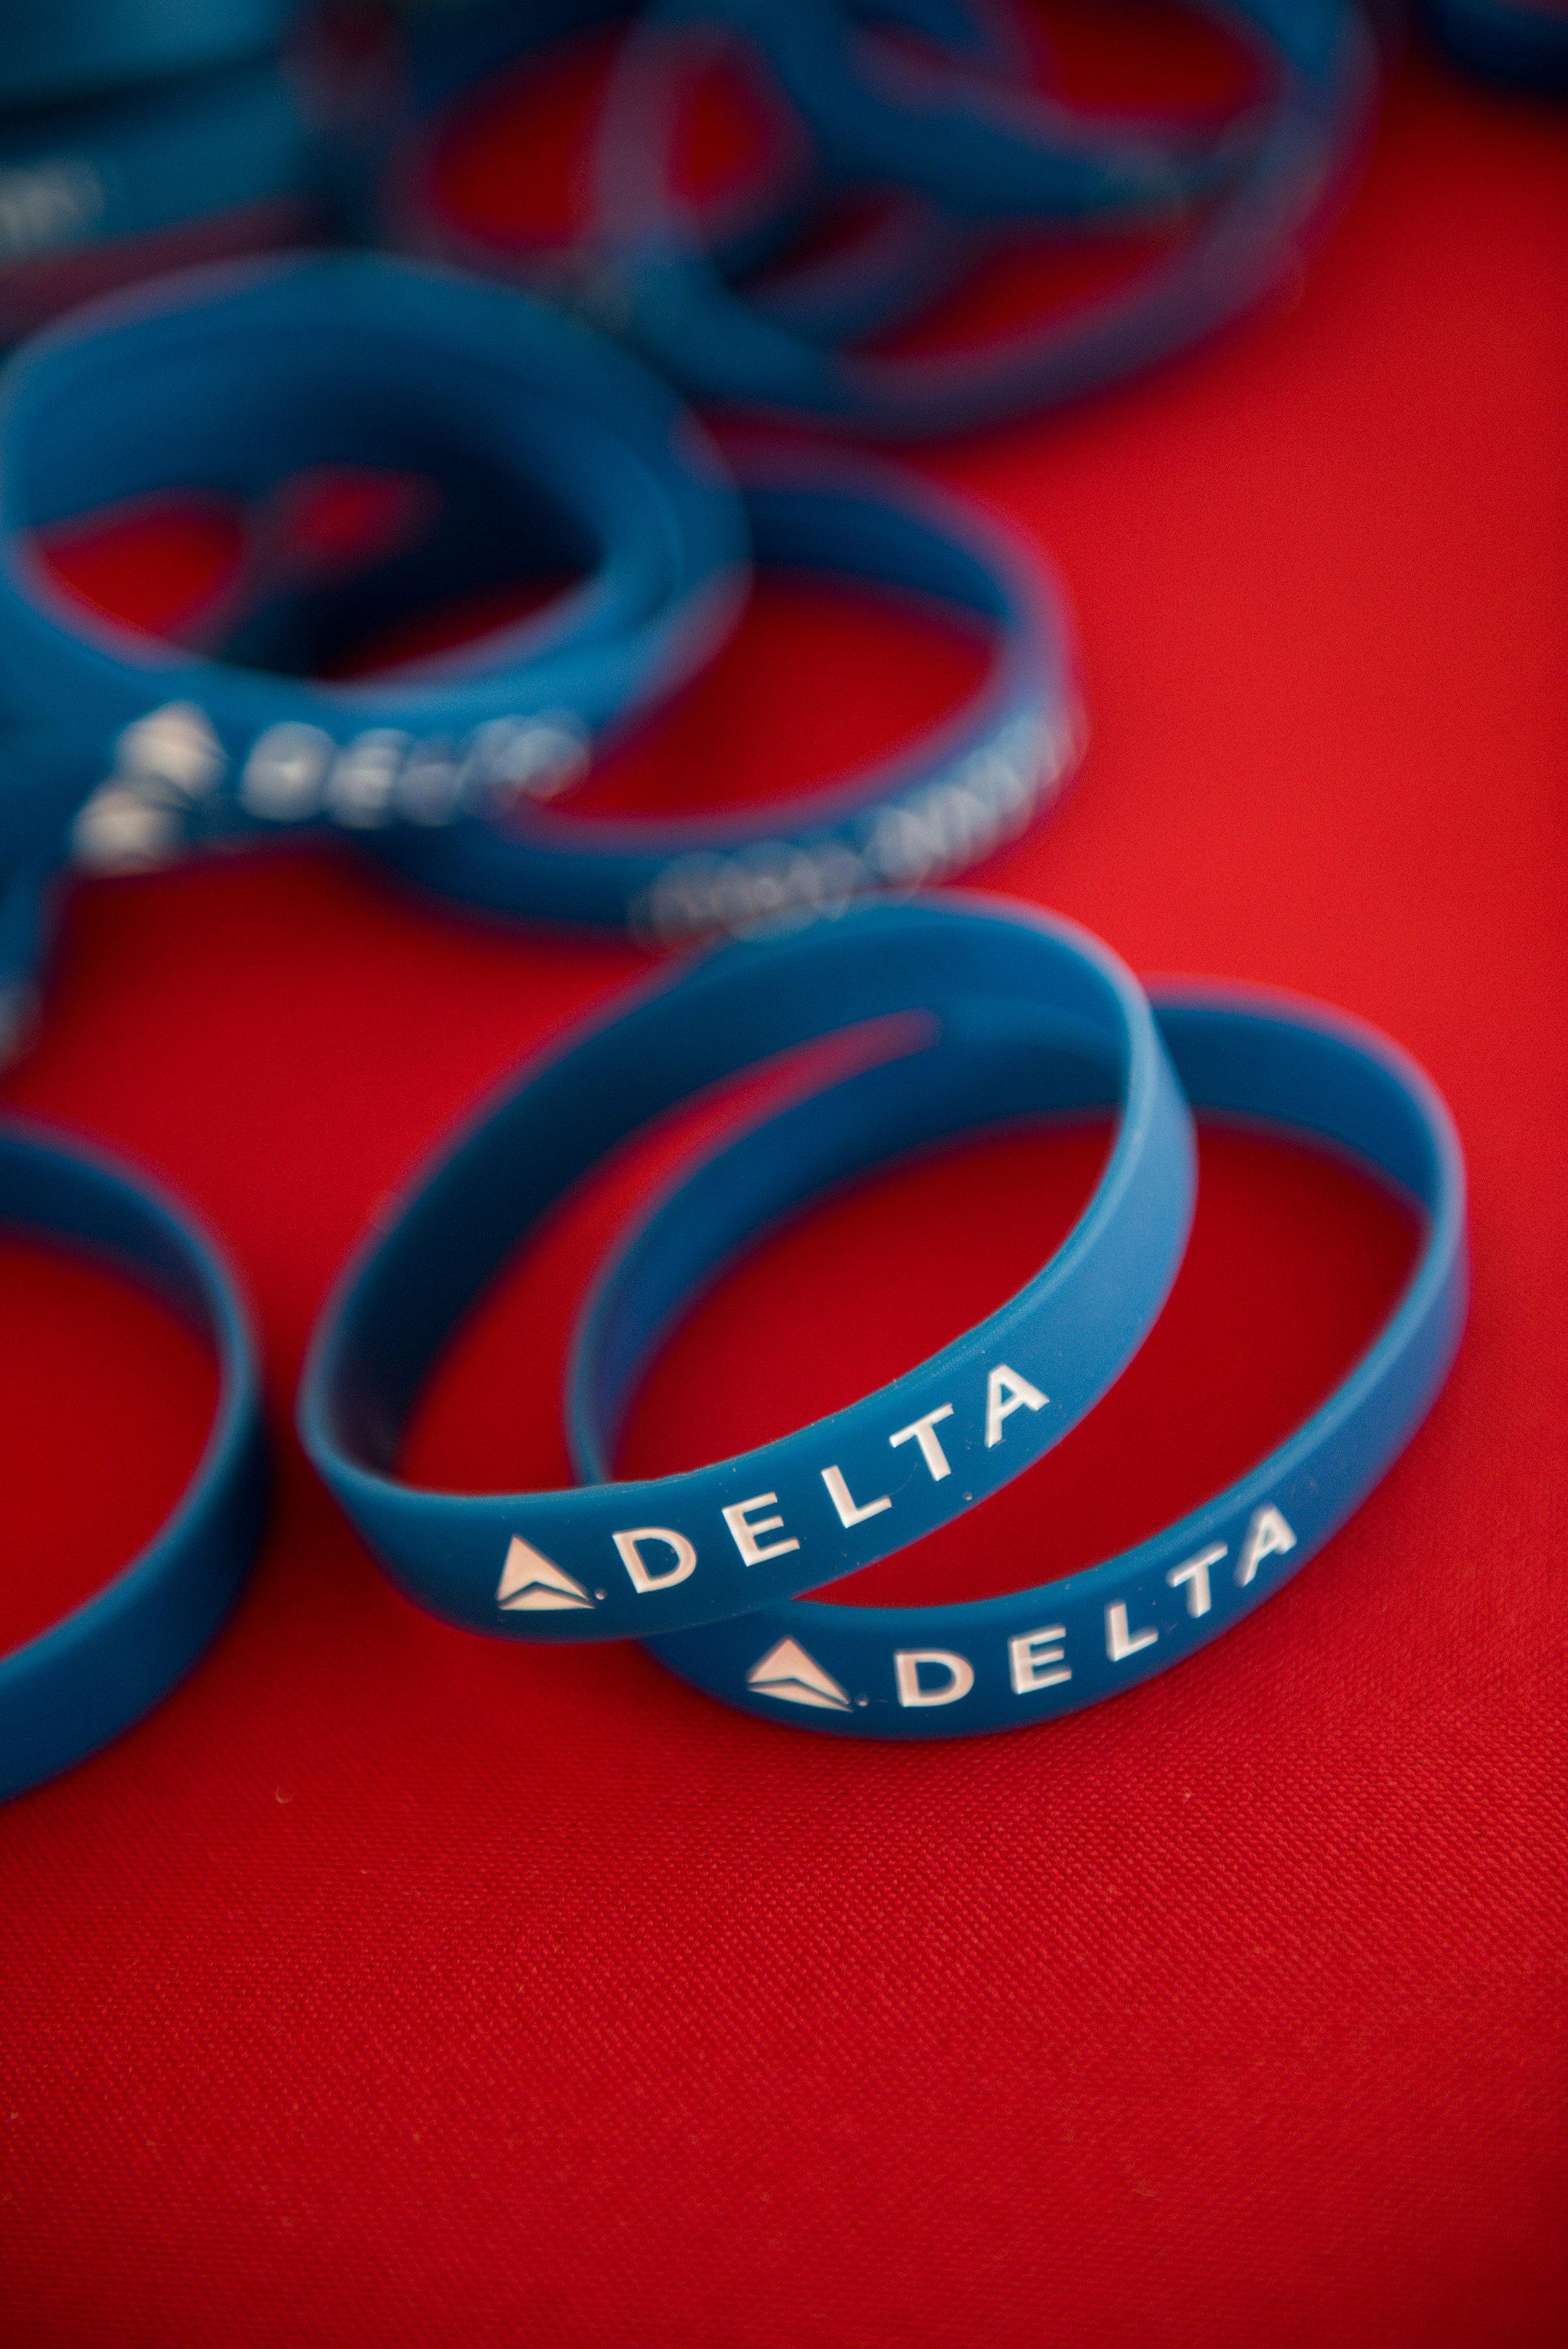 Delta_20160525_0005.jpg